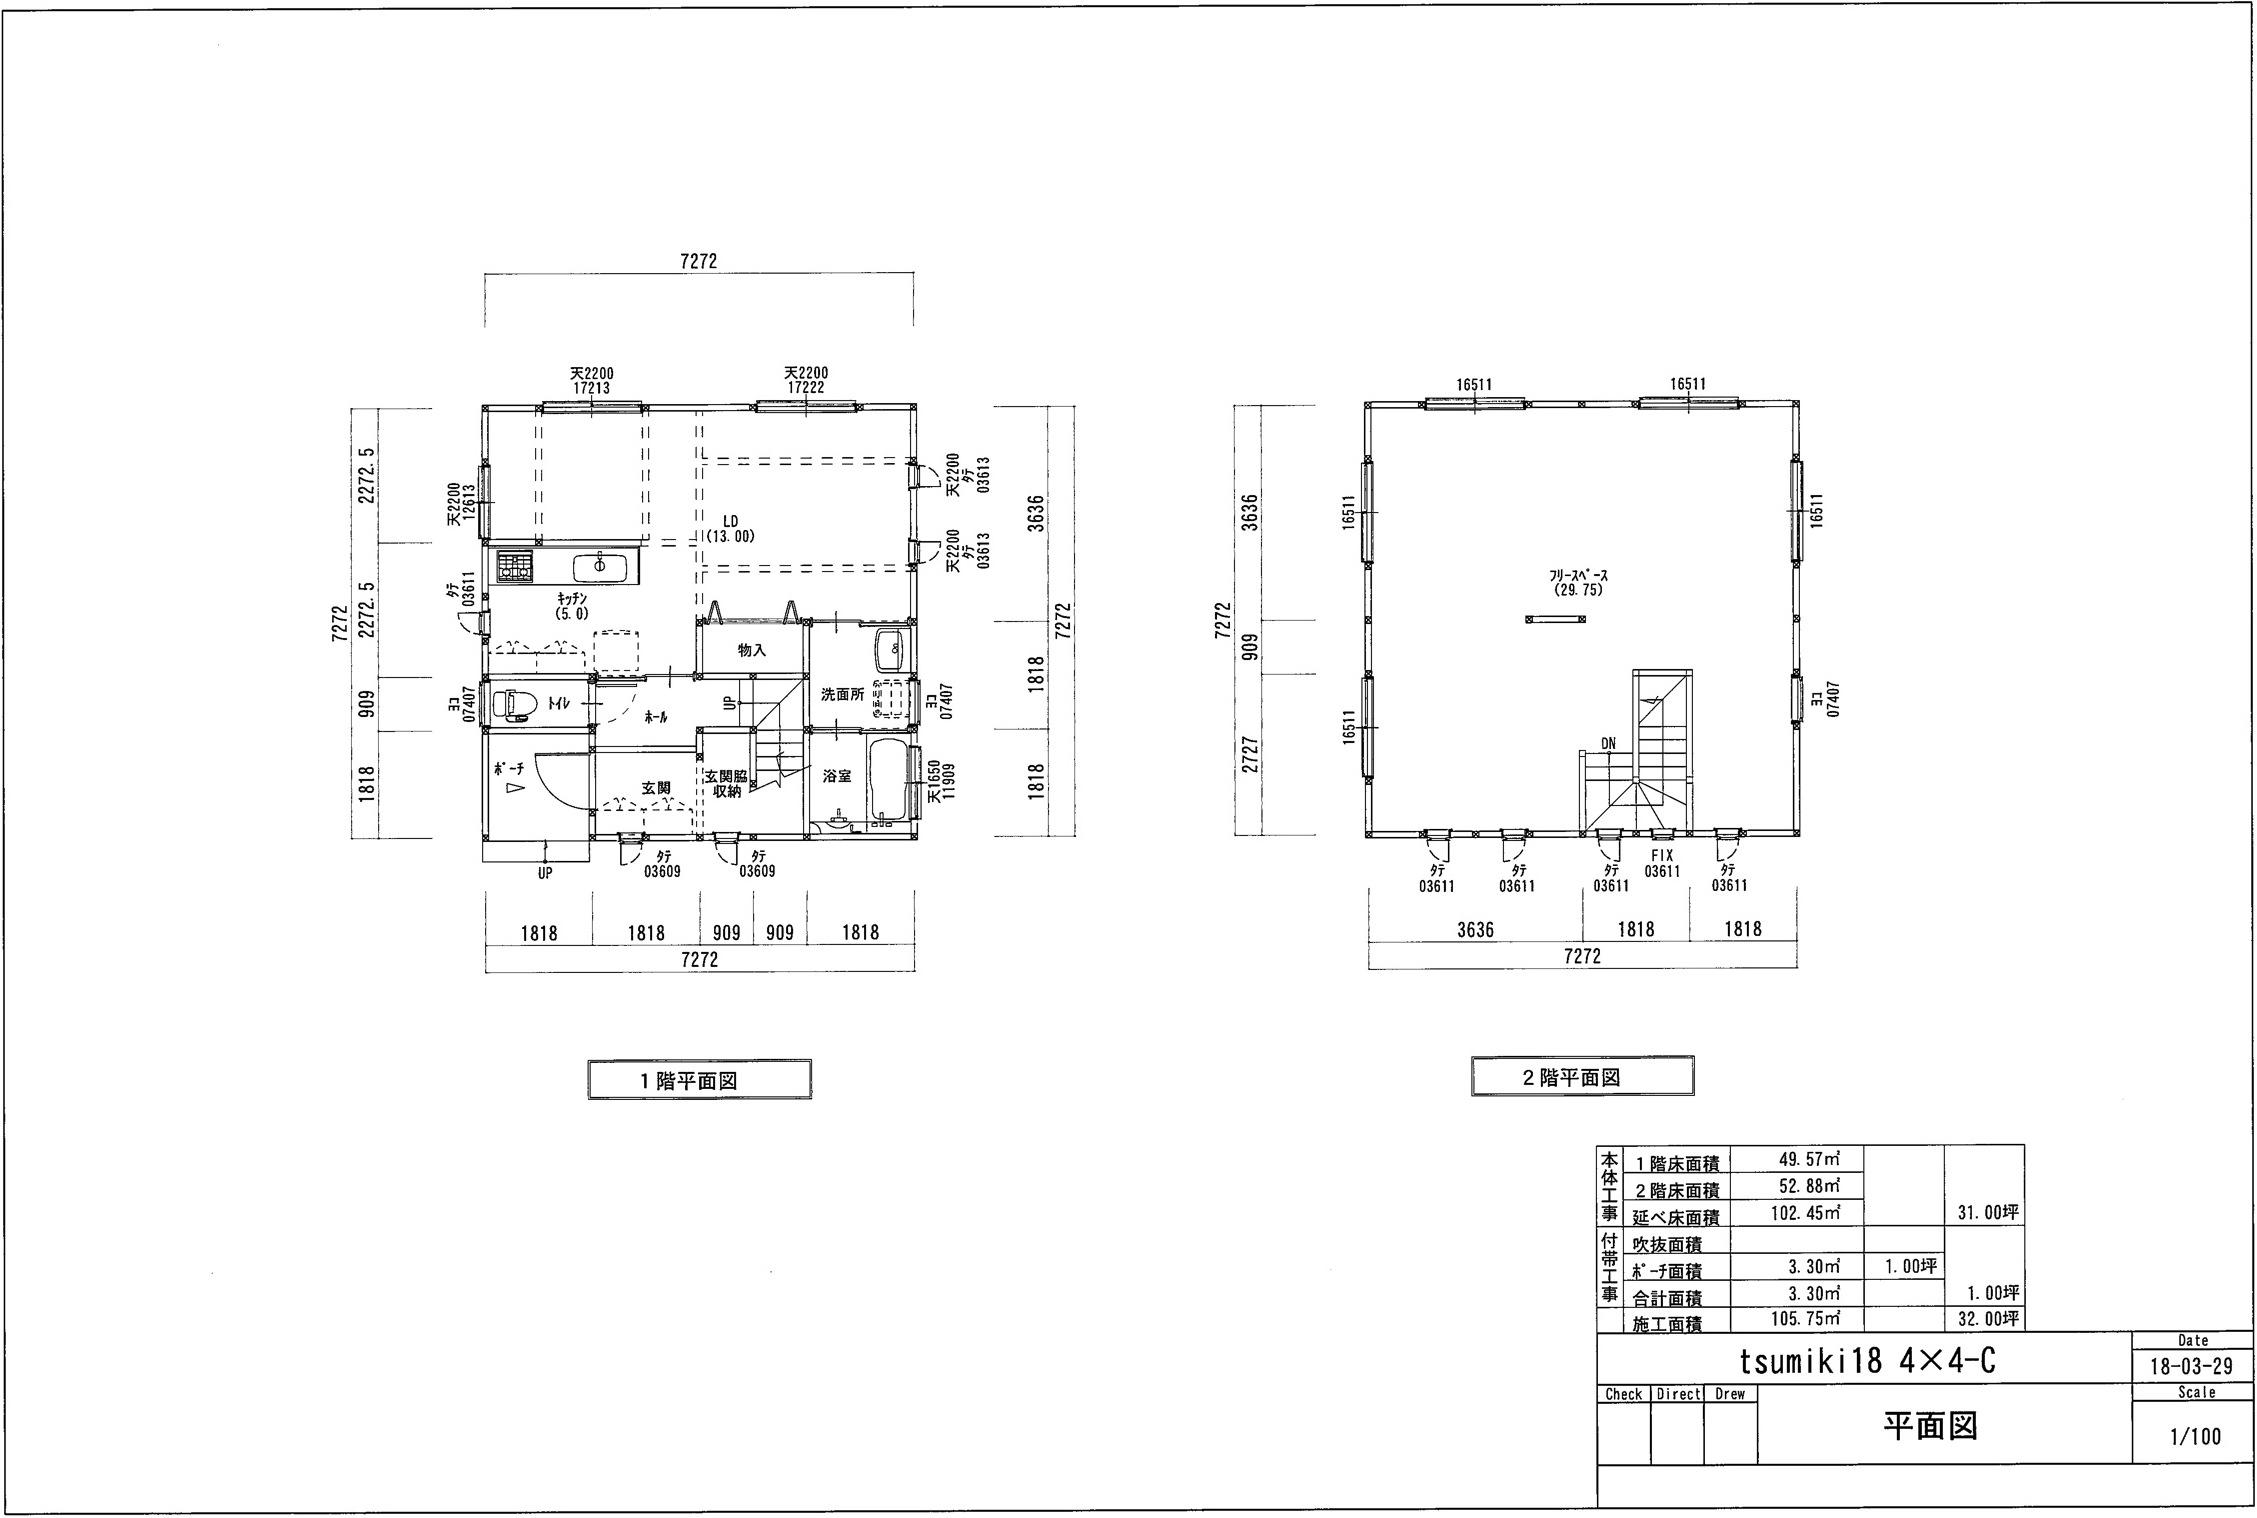 tsumiki 32坪 (4×4-C)